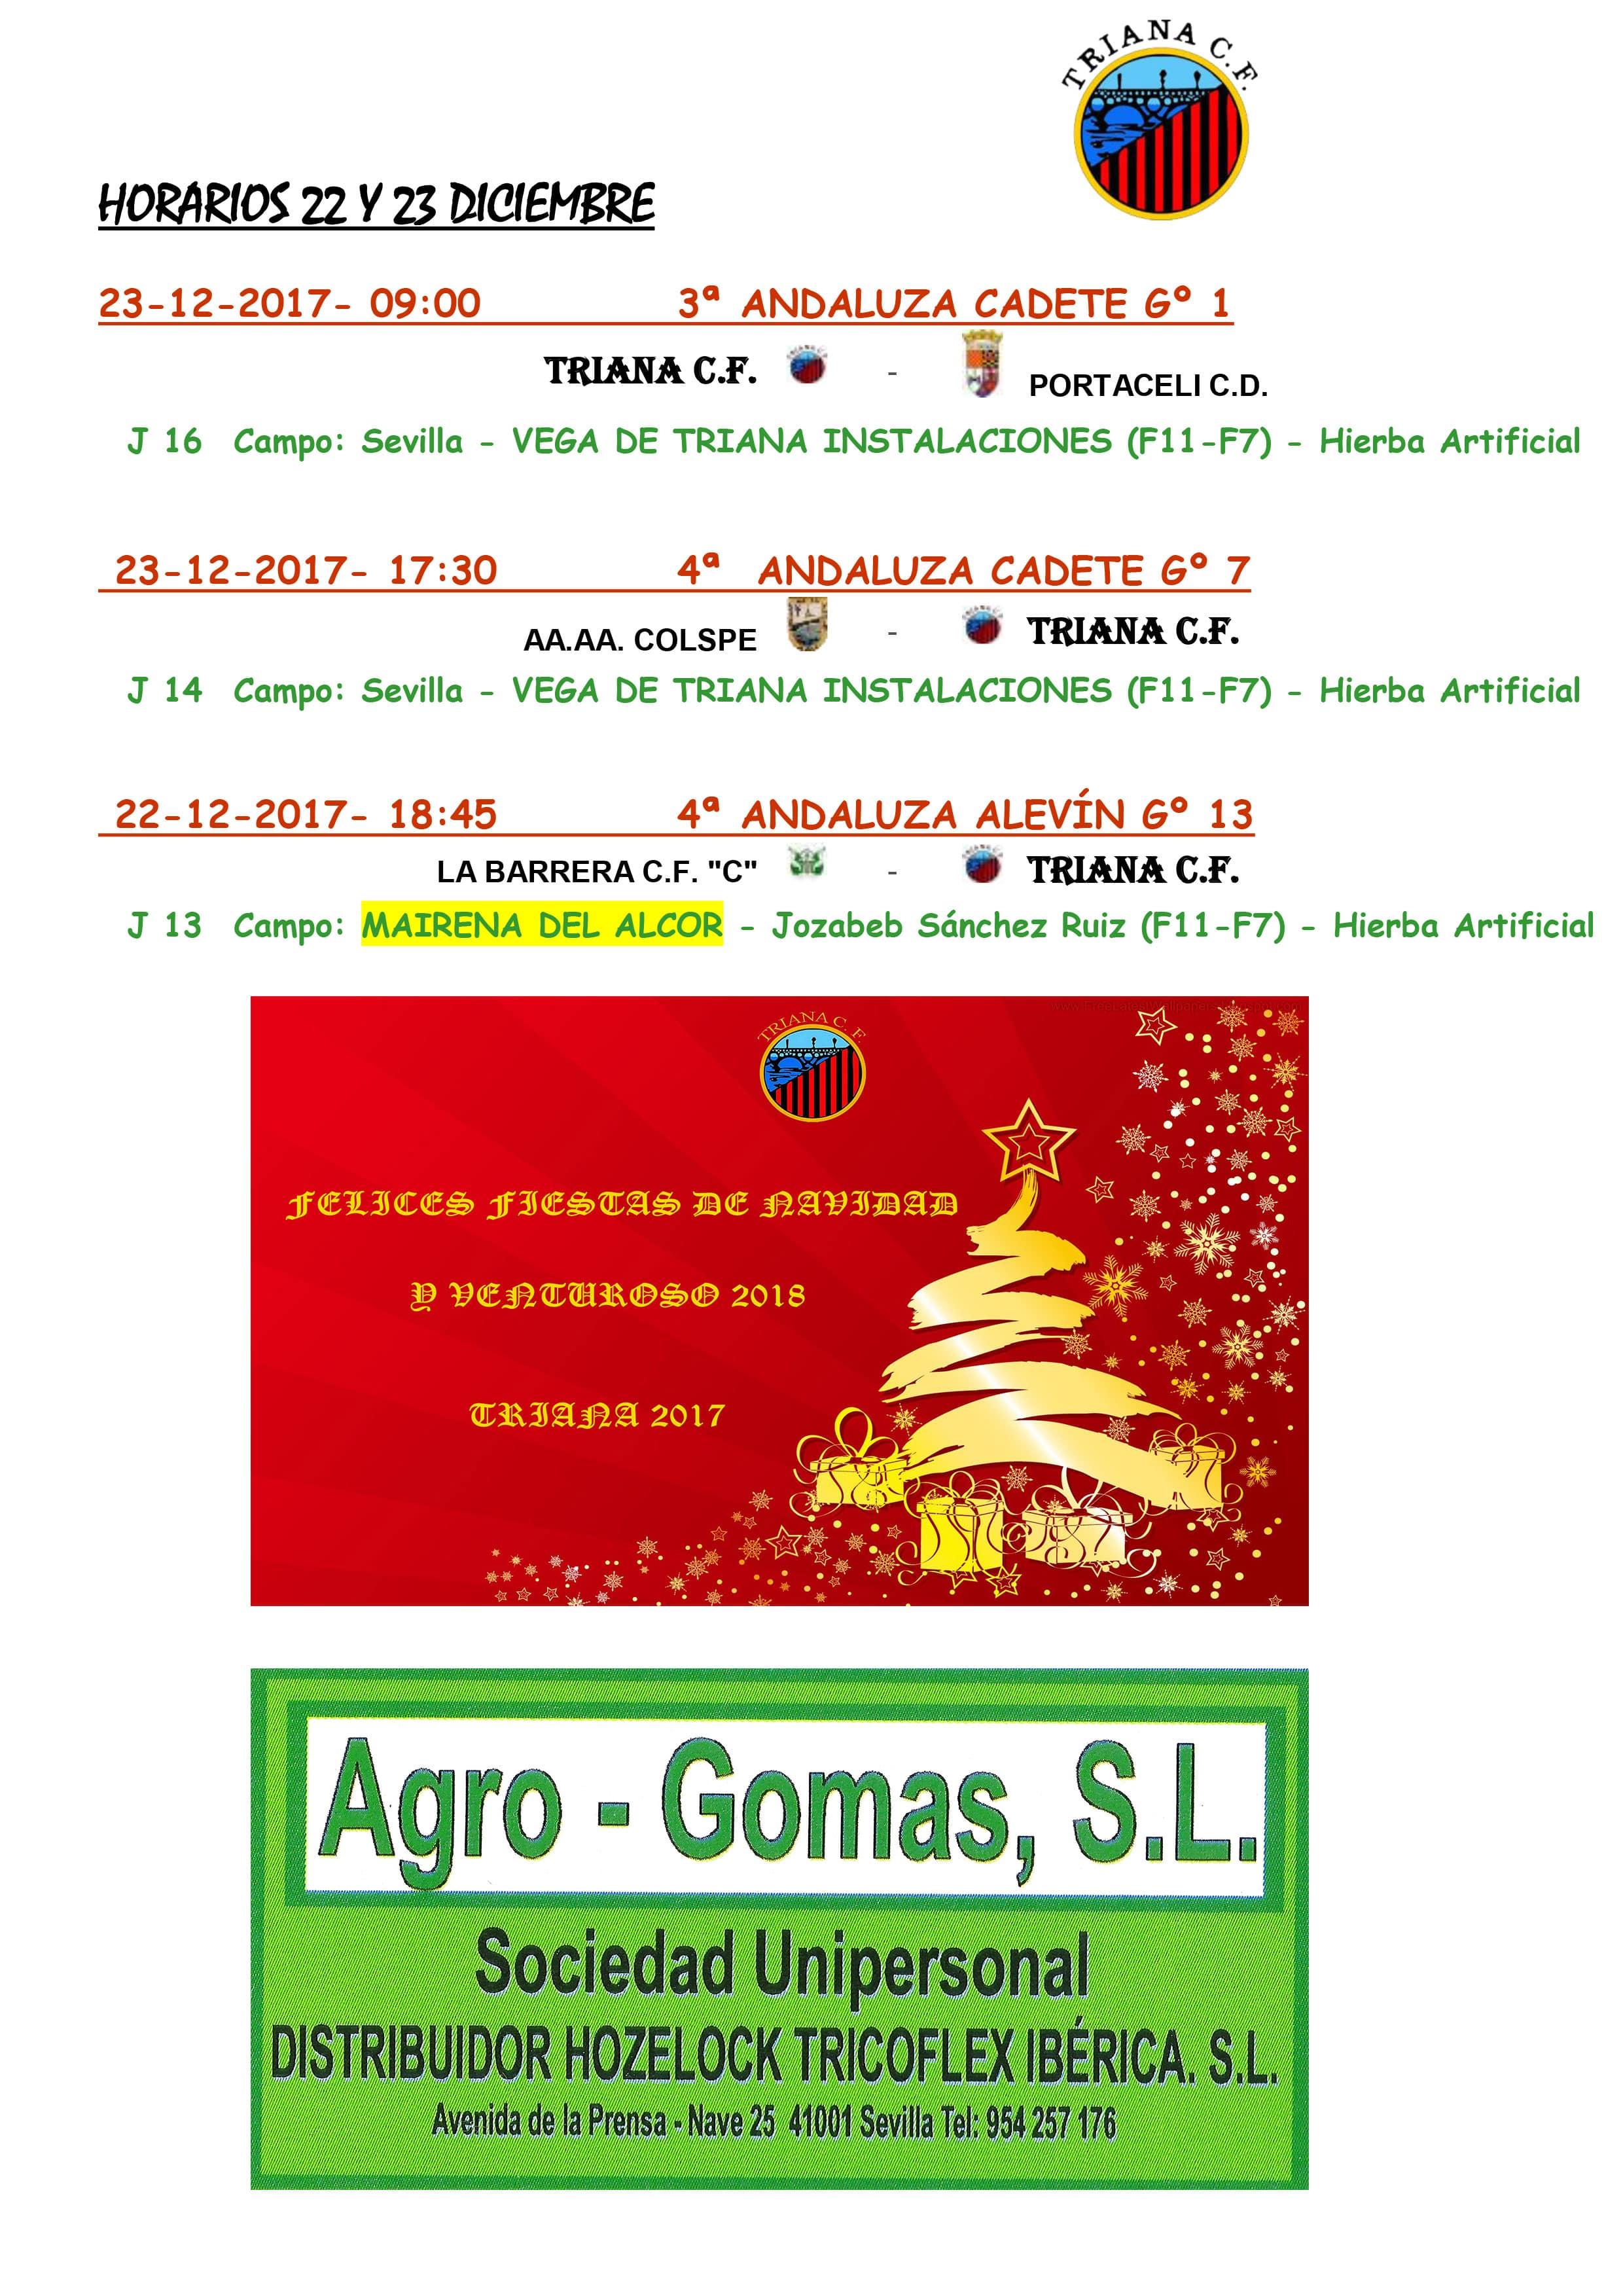 Horarios Triana C.F.